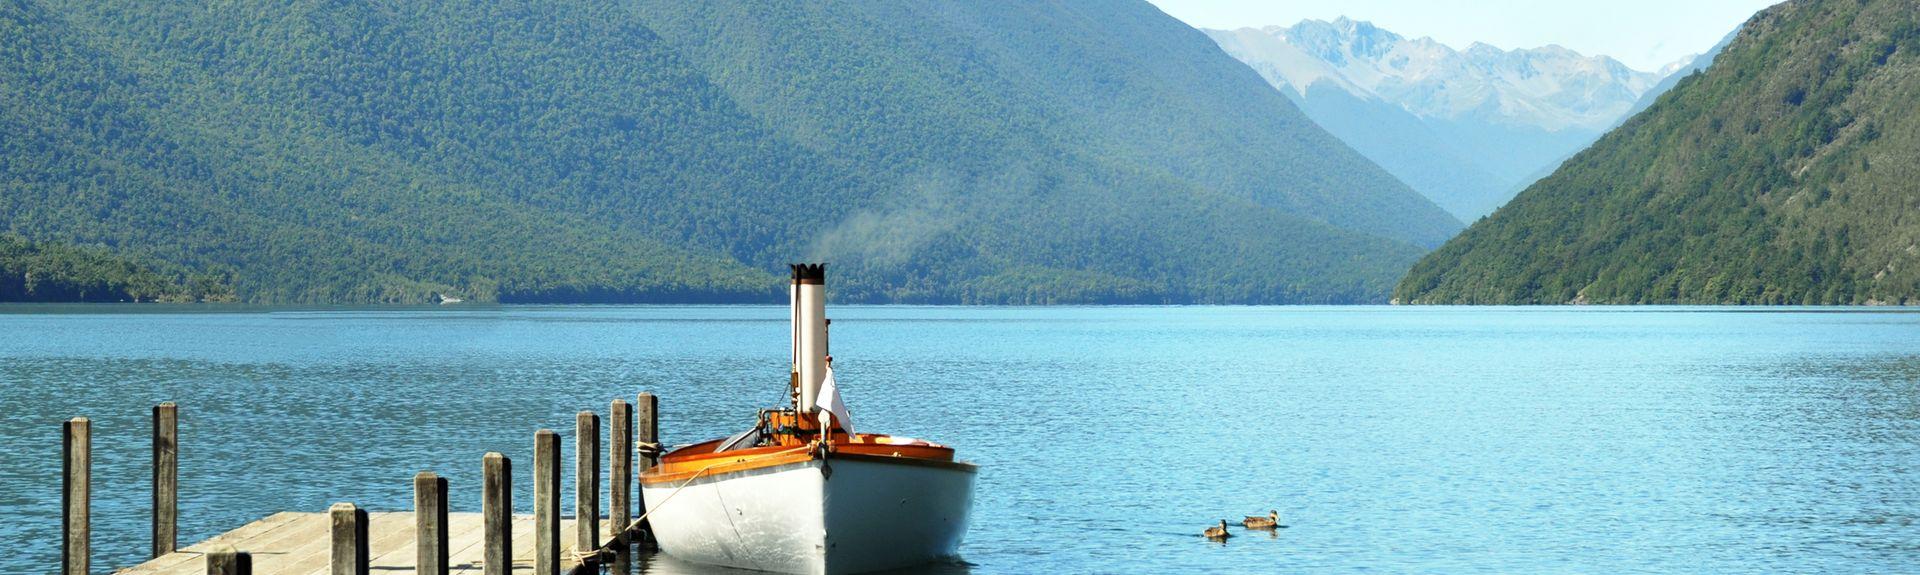 Lake Rotoiti, Bay of Plenty, North Island, New Zealand